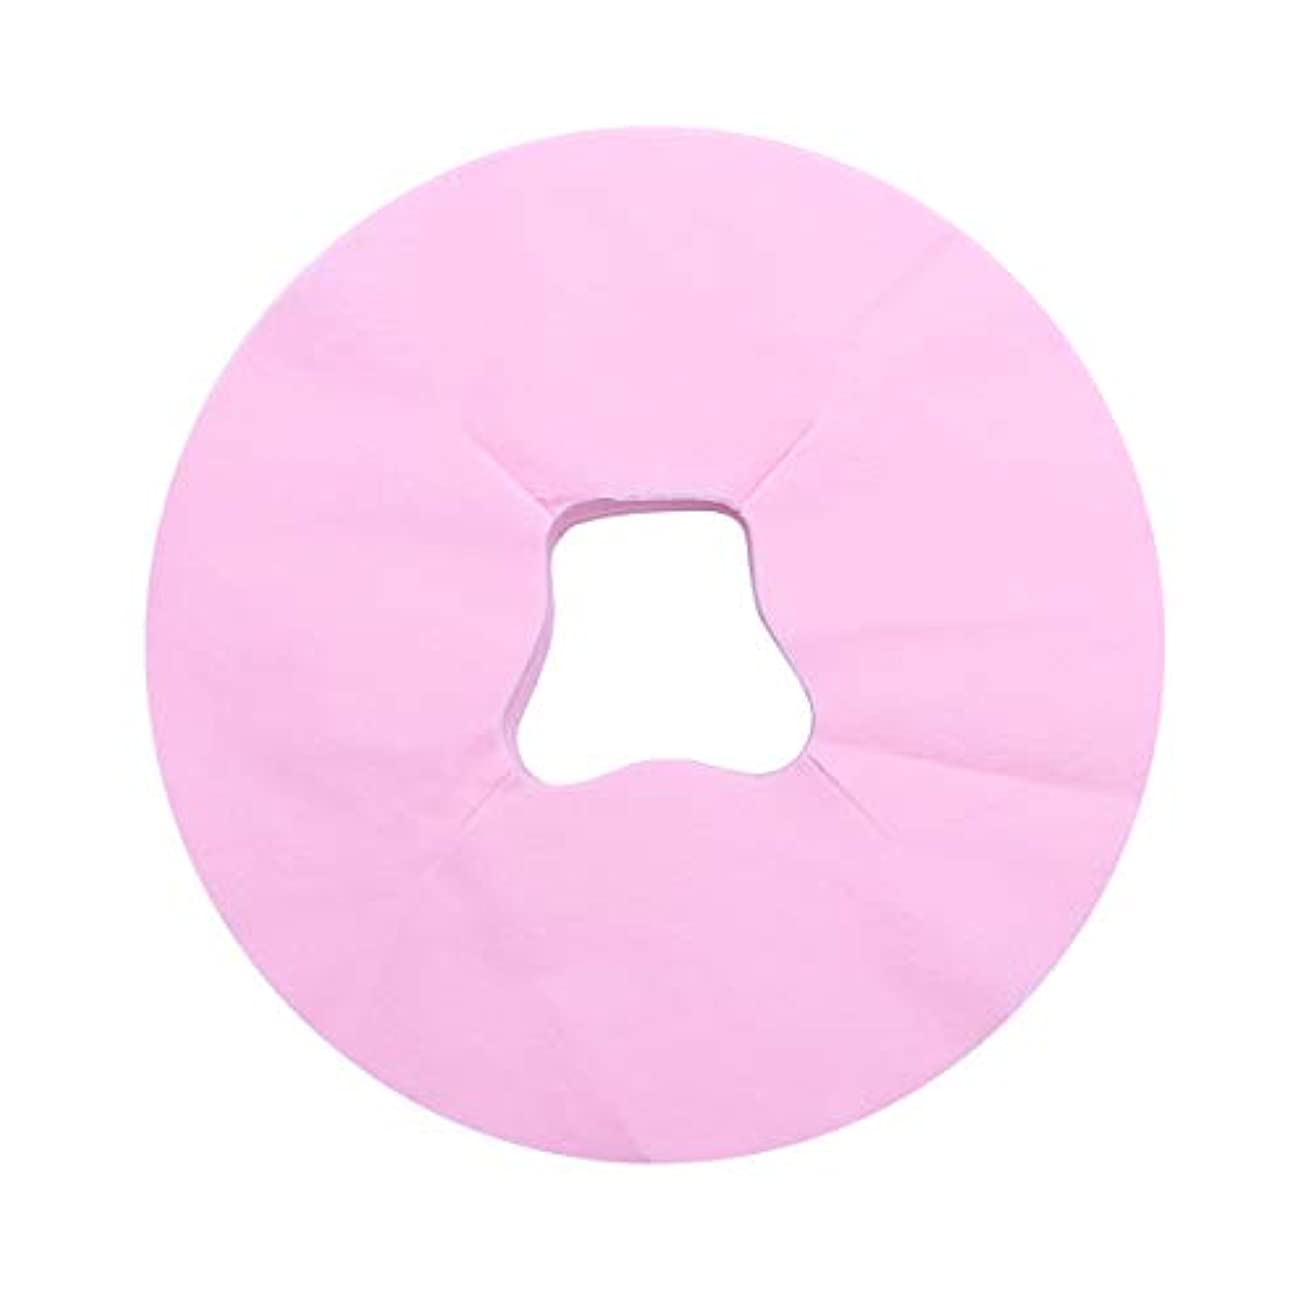 に賛成織る明らかにするHealifty 100ピース使い捨てフェイスマッサージカバーパッドフェイスホールピロークッションマットサロンスパフェイシャルベッドヘッドレスト枕シート(ピンク)